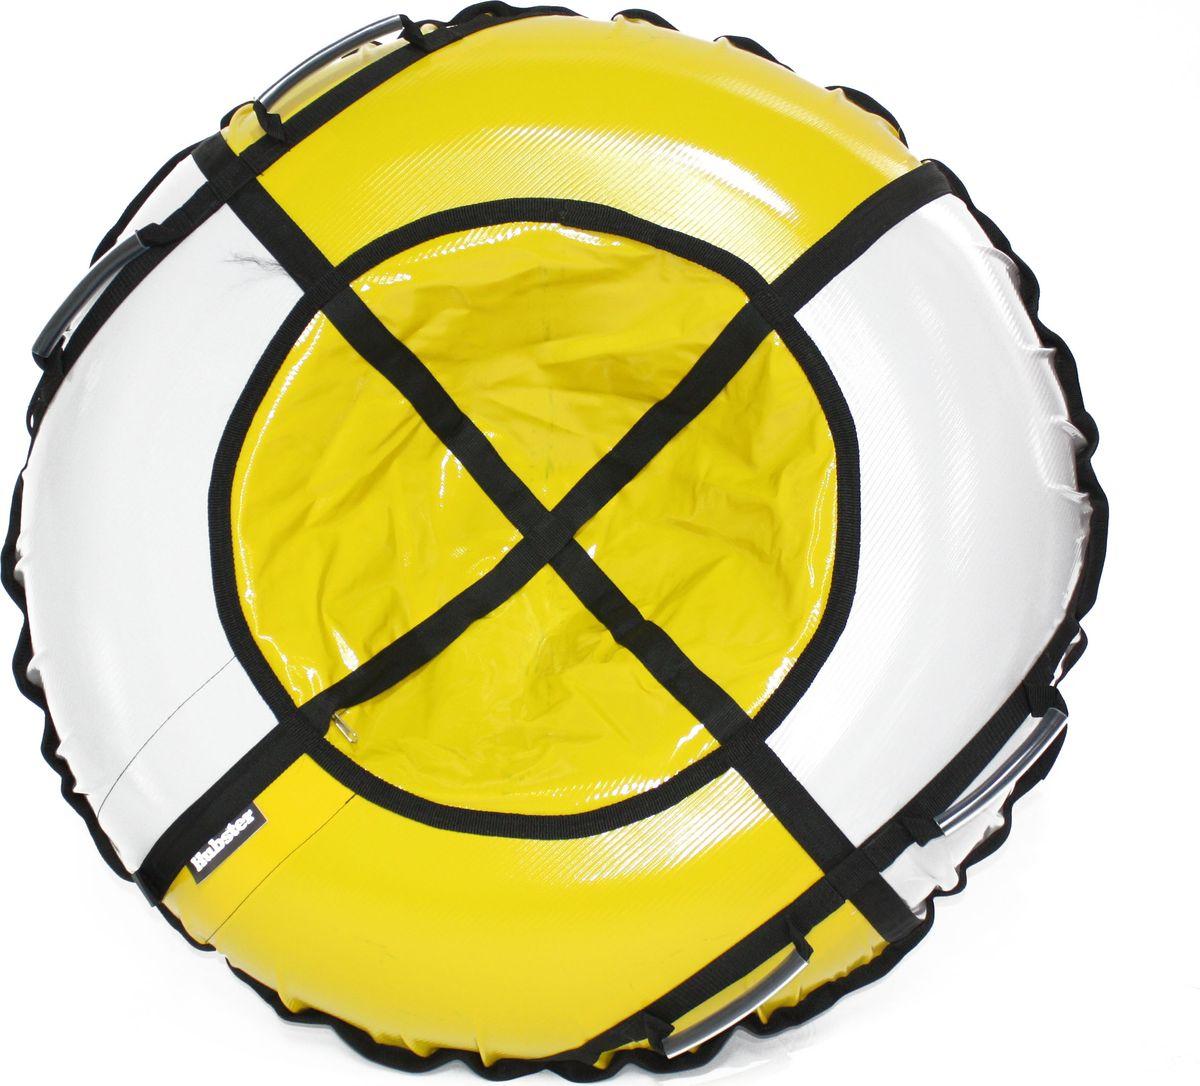 Тюбинг Hubster Sport Plus, цвет: серый, желтый, диаметр 120 смво4328-2Любимая детская зимняя забава - это кататься с горки. А катание на тюбинге надолго запомнится вам и вашим близким. Свежий воздух, веселая компания, веселые развлечения - эти моменты вы будете вспоминать еще долгое время. Материал верха - ПВХ армированный, плотность 650 г/м .Материал дна - ПВХ (усиленная скользкая ткань), плотность 650 г/м.Диаметр в сдутом виде - 120 см.Диаметр в надутом виде - 109 см.Ручки усиленные (нашиты на дополнительную стропу).Кол-во ручек - 4 шт. Молния скрытая, на сиденье.Крепление троса - наружная петля.Длина троса - 1 метр.Нагрузка - до 150 кг.Комплект поставки - ватрушка, трос, камера.Тюбинг не предназначен для буксировки механическими или транспортными средствами (подъемники, канатные дороги, лебедки, автомобиль, снегоход, квадроцикл и т.д.)